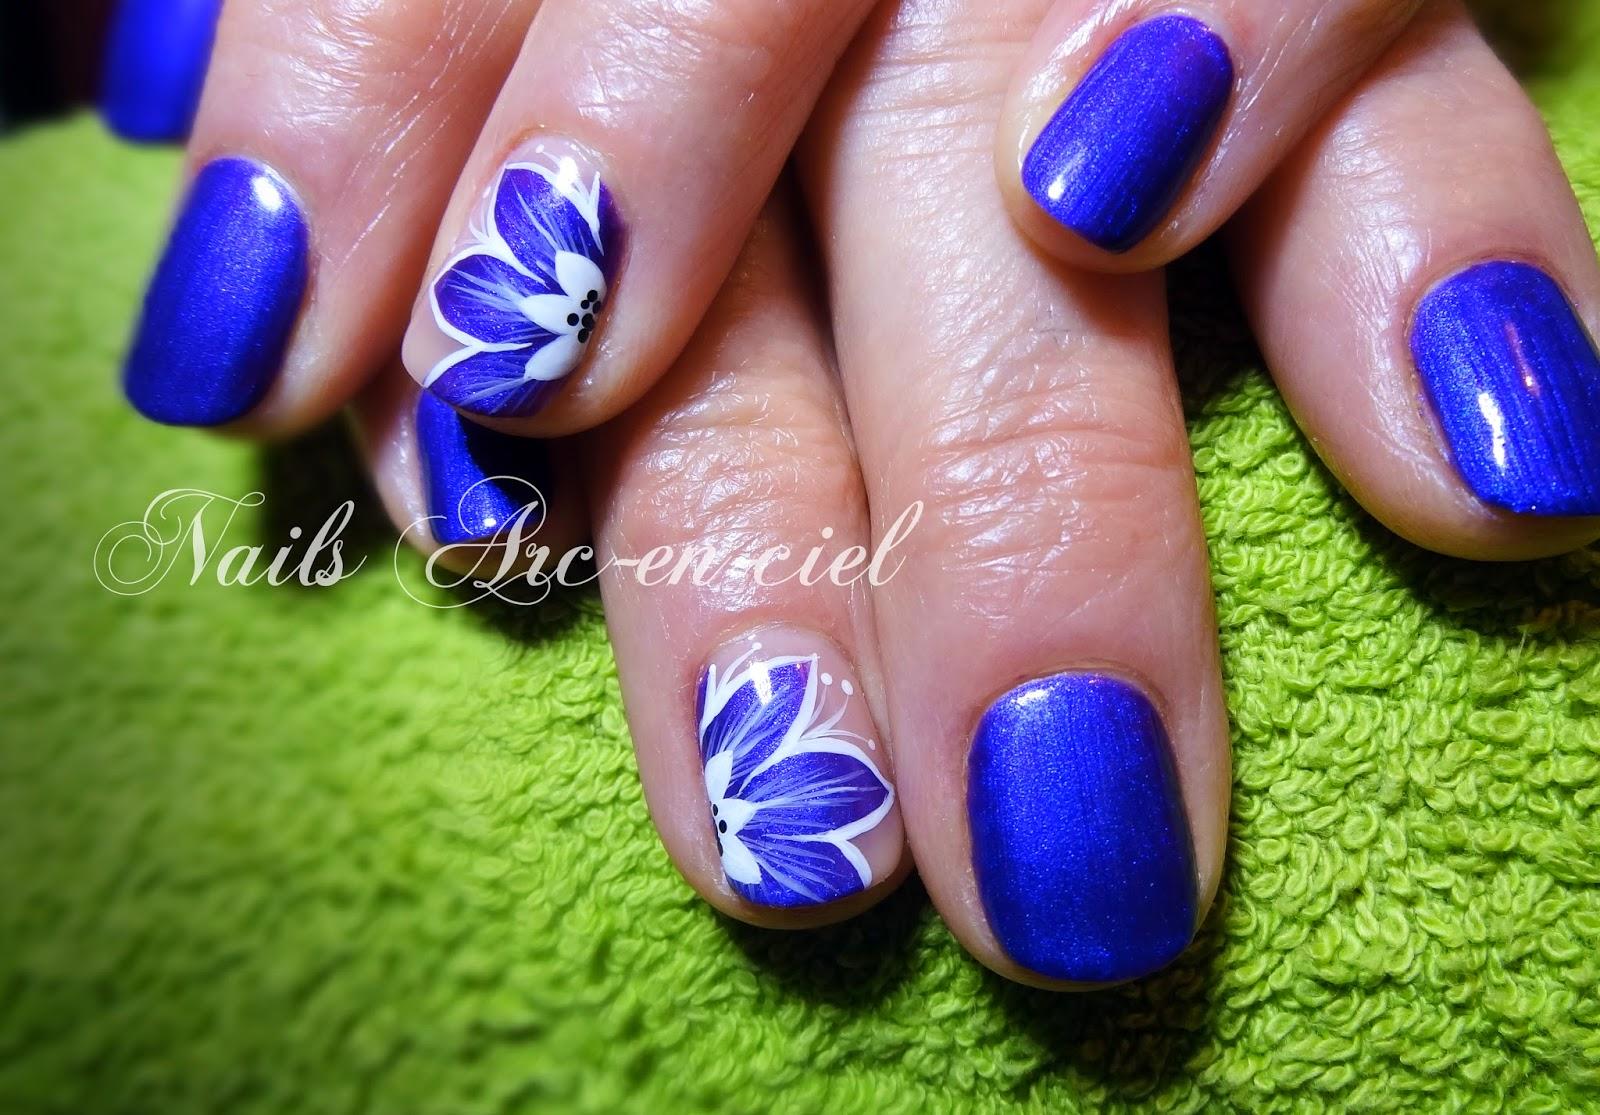 Populaire Nails Arc-en-ciel: Fleur en vernis semi-permanent XA58